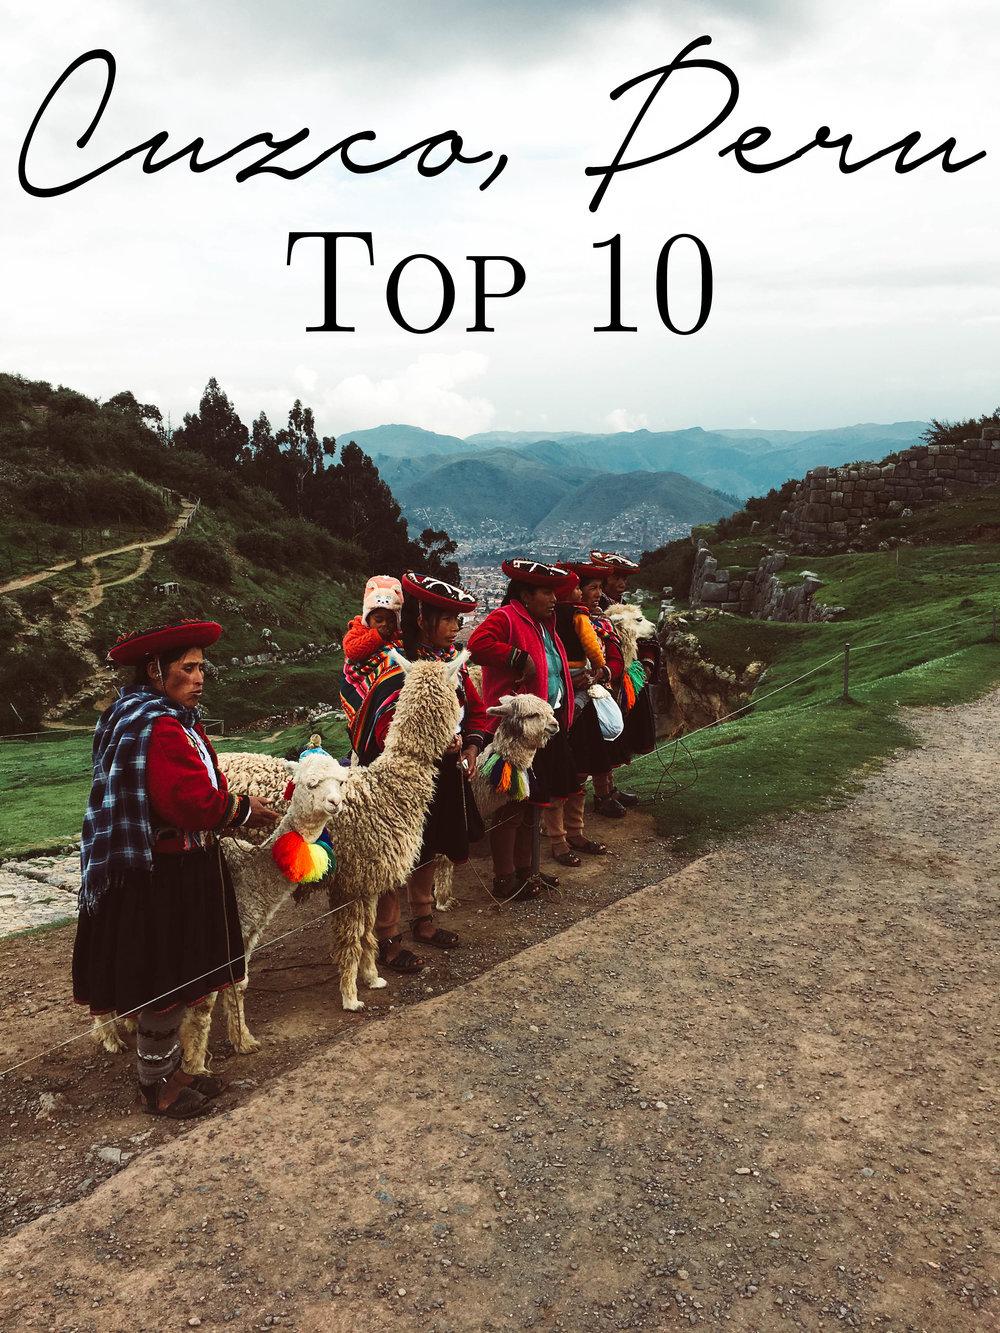 Cuzco, Peru Top 10